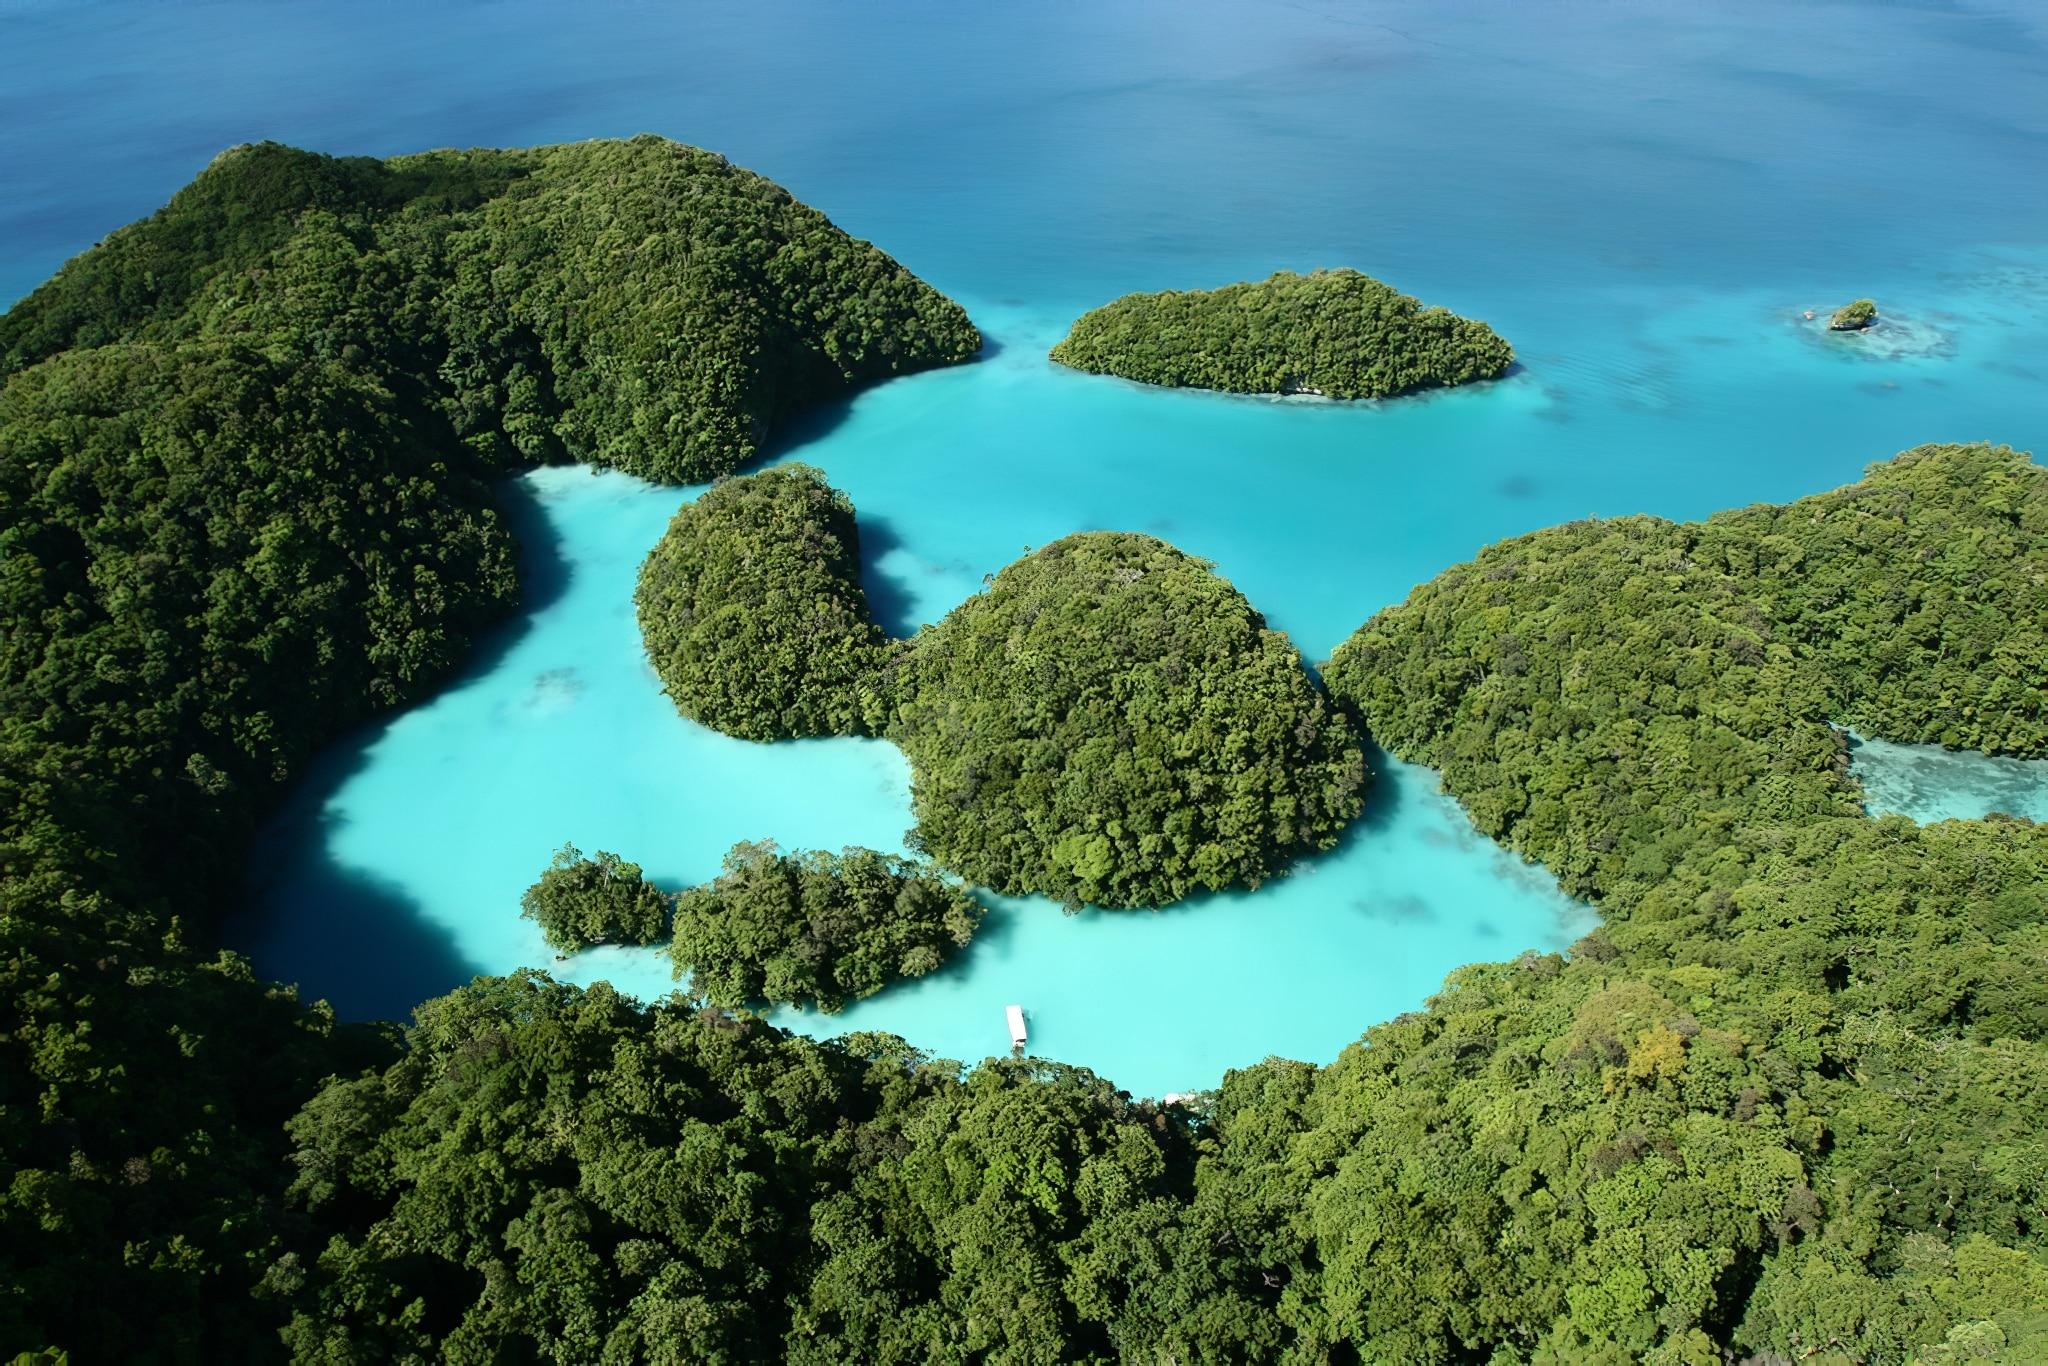 Des photos éblouissantes de Palaos, sanctuaire marin du Pacifique